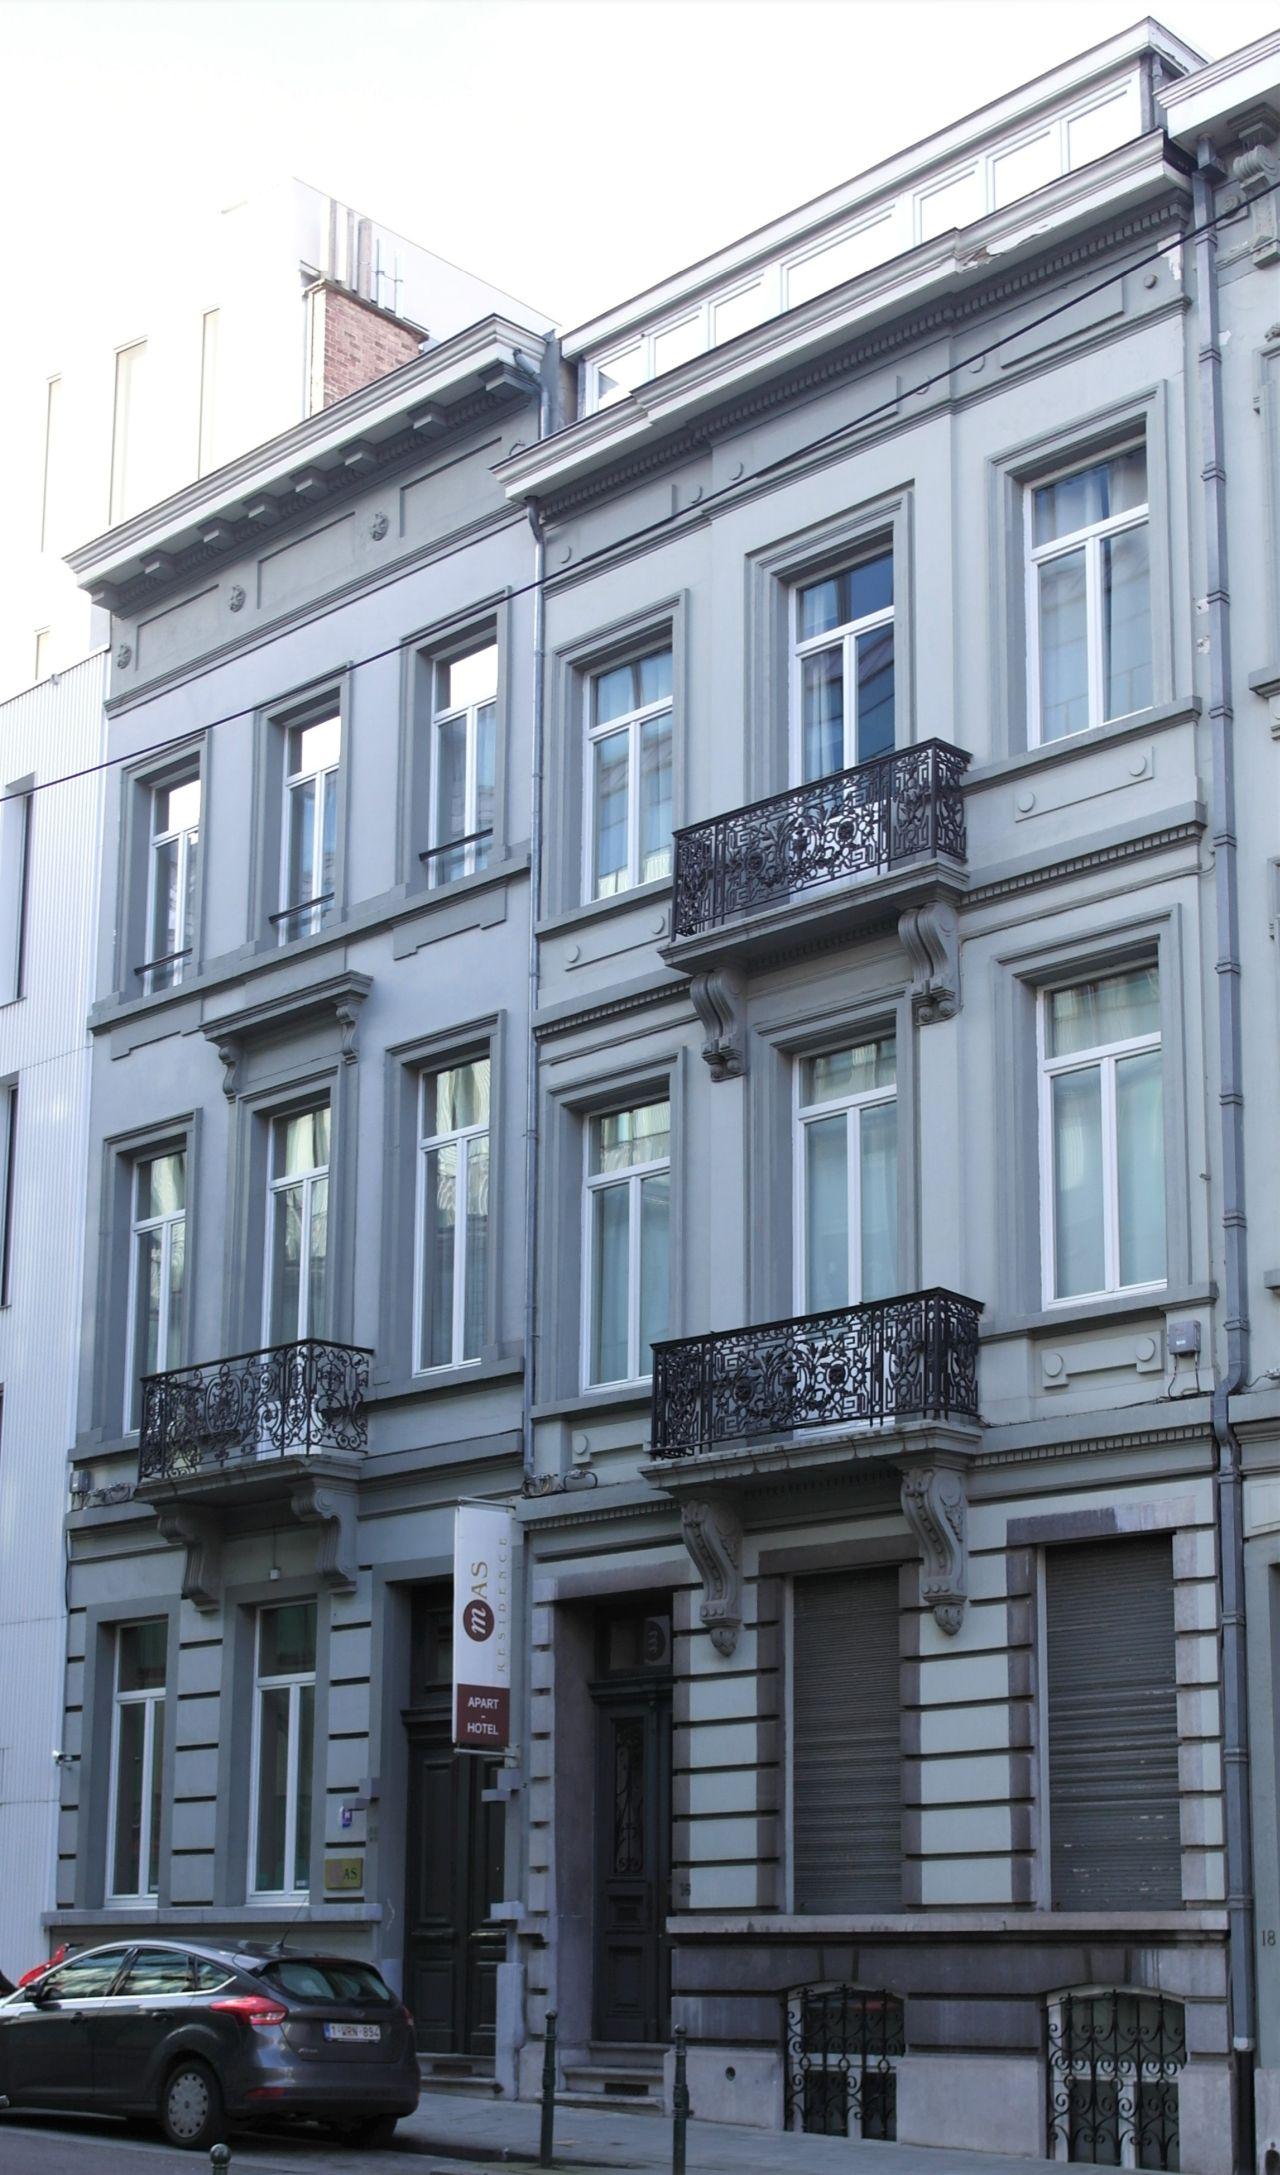 Rue de Spa 14, 16, 2020